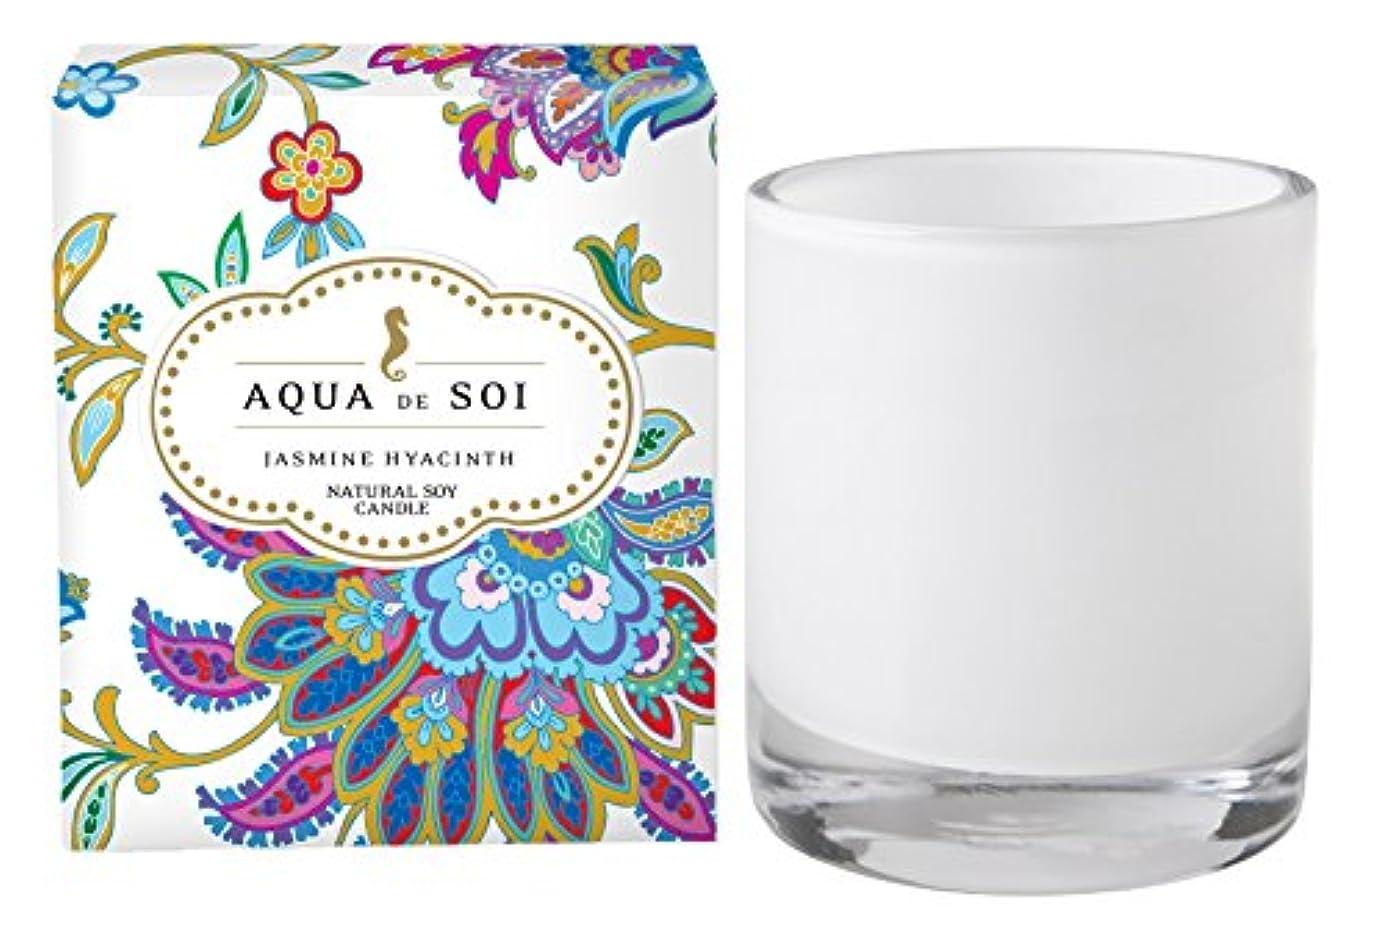 チチカカ湖操るスリルSoi会社Aqua De Soi 100 %プレミアム天然Soy Candle、11オンスBoxed Jar ホワイト unknown